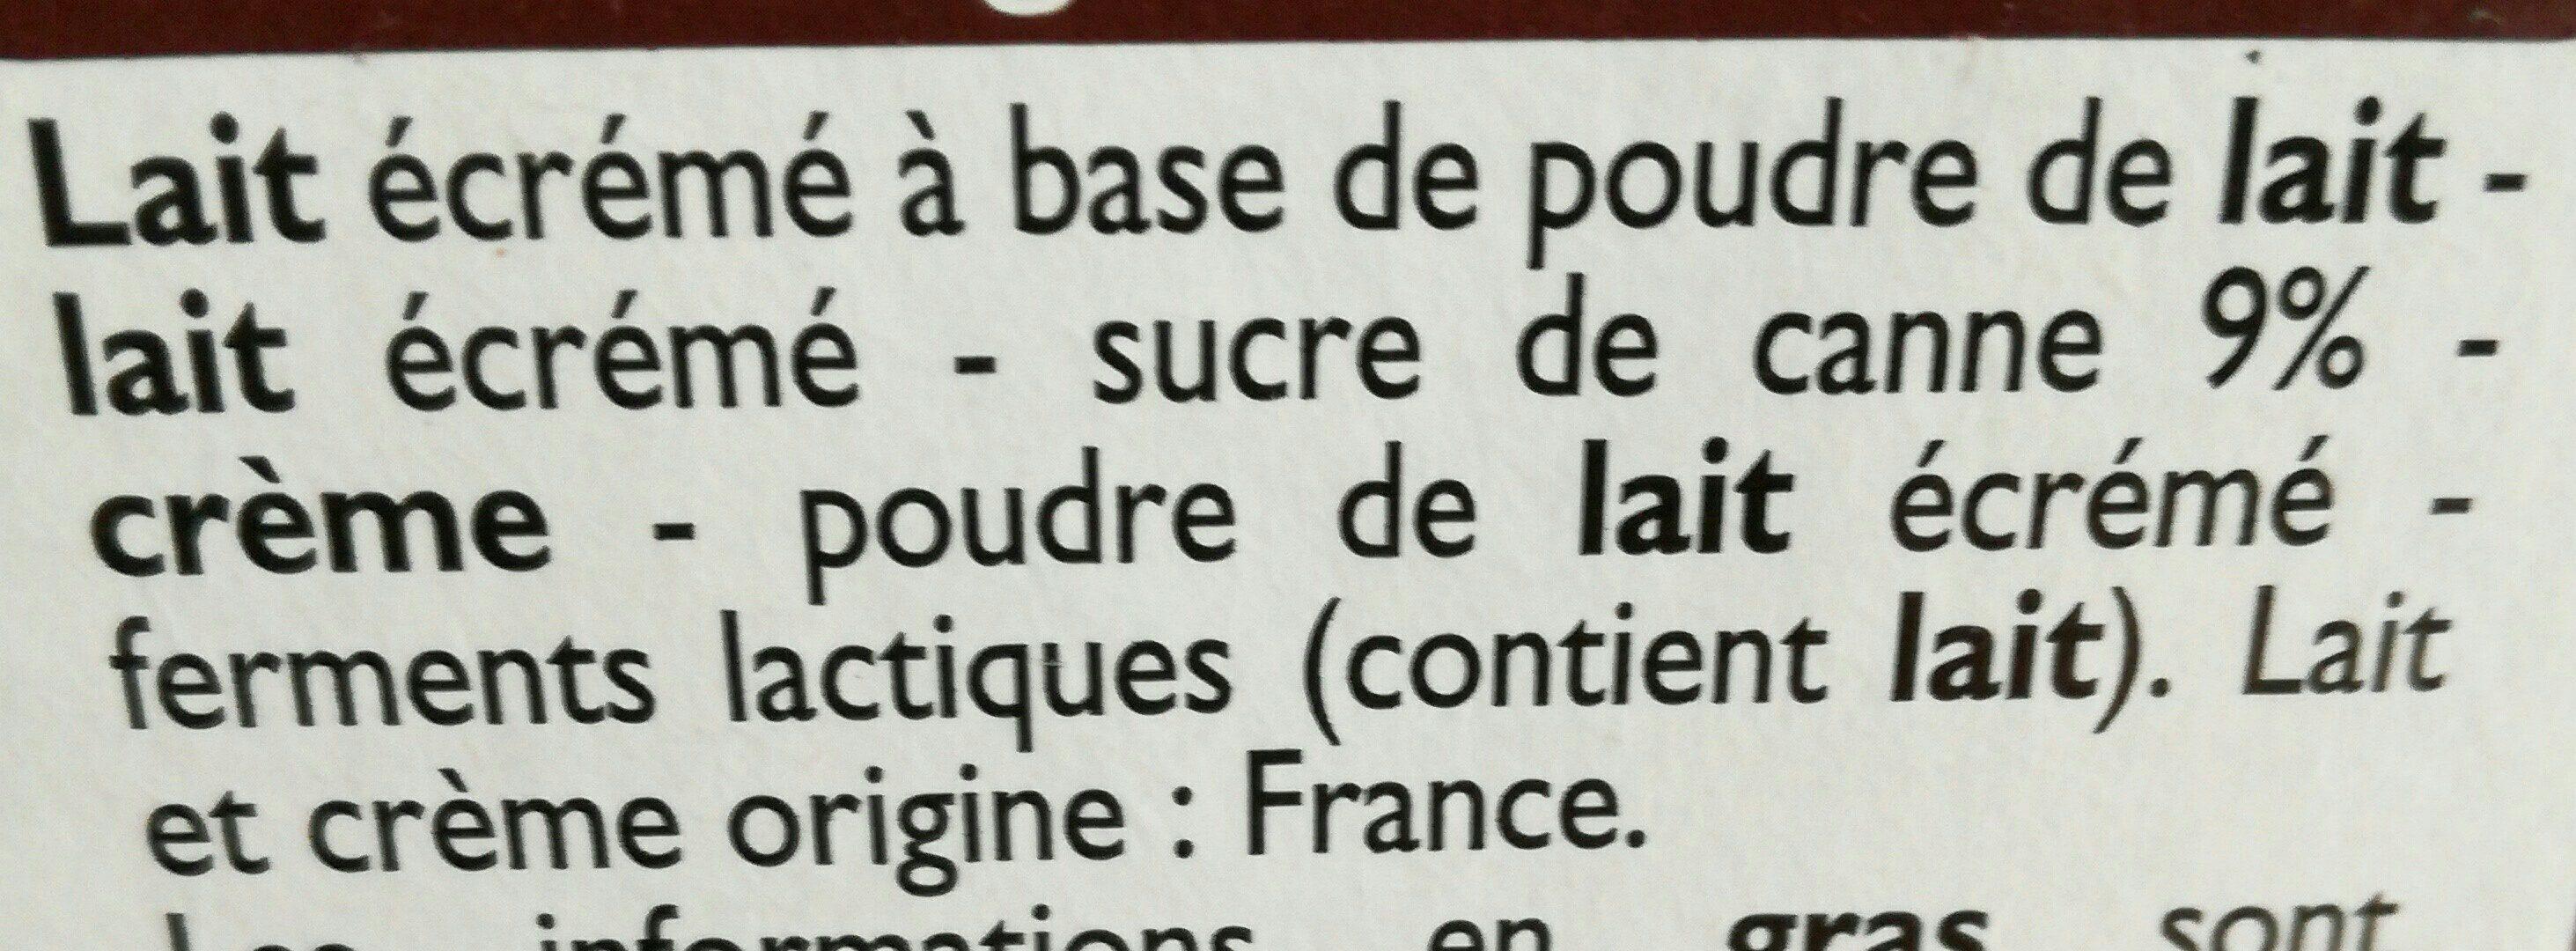 Yaourts nature sucrés Au Sucre de Canne - Ingredients - fr